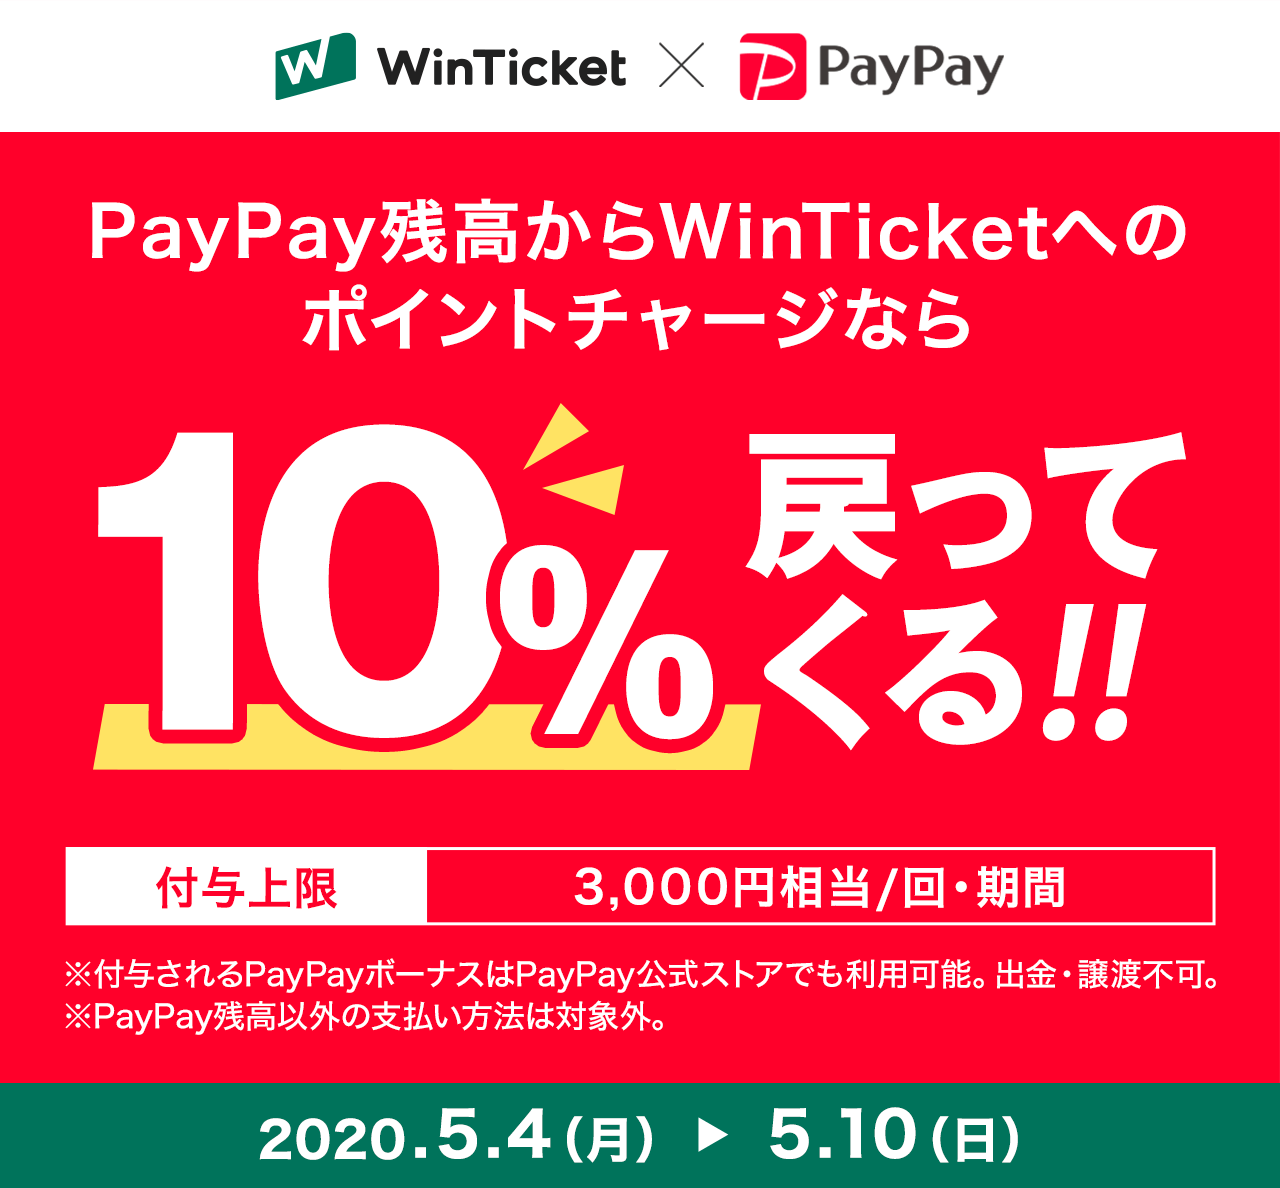 PayPay残高からWinTicketへのチャージなら10%戻ってくる!